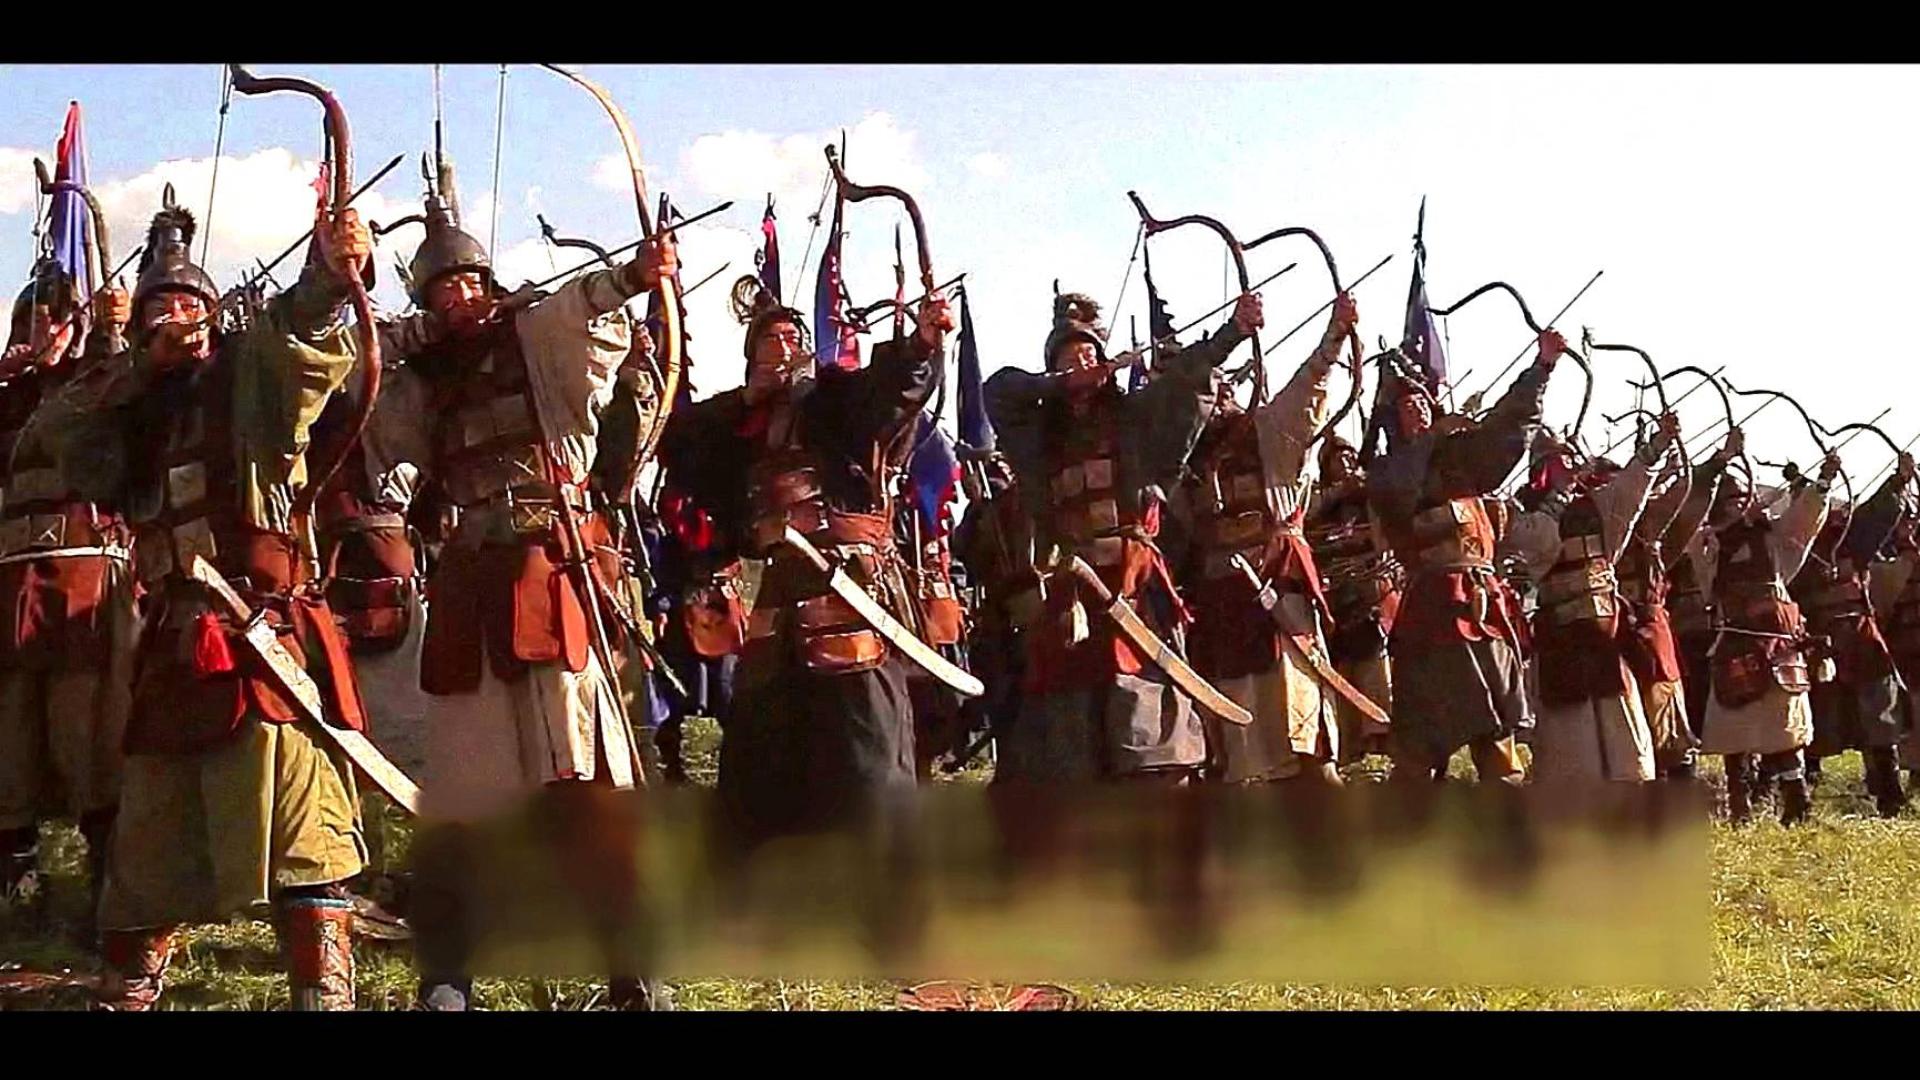 蒙古国史诗级大片《阿努可敦》,康熙大战葛尔丹,清军血拼蒙古军